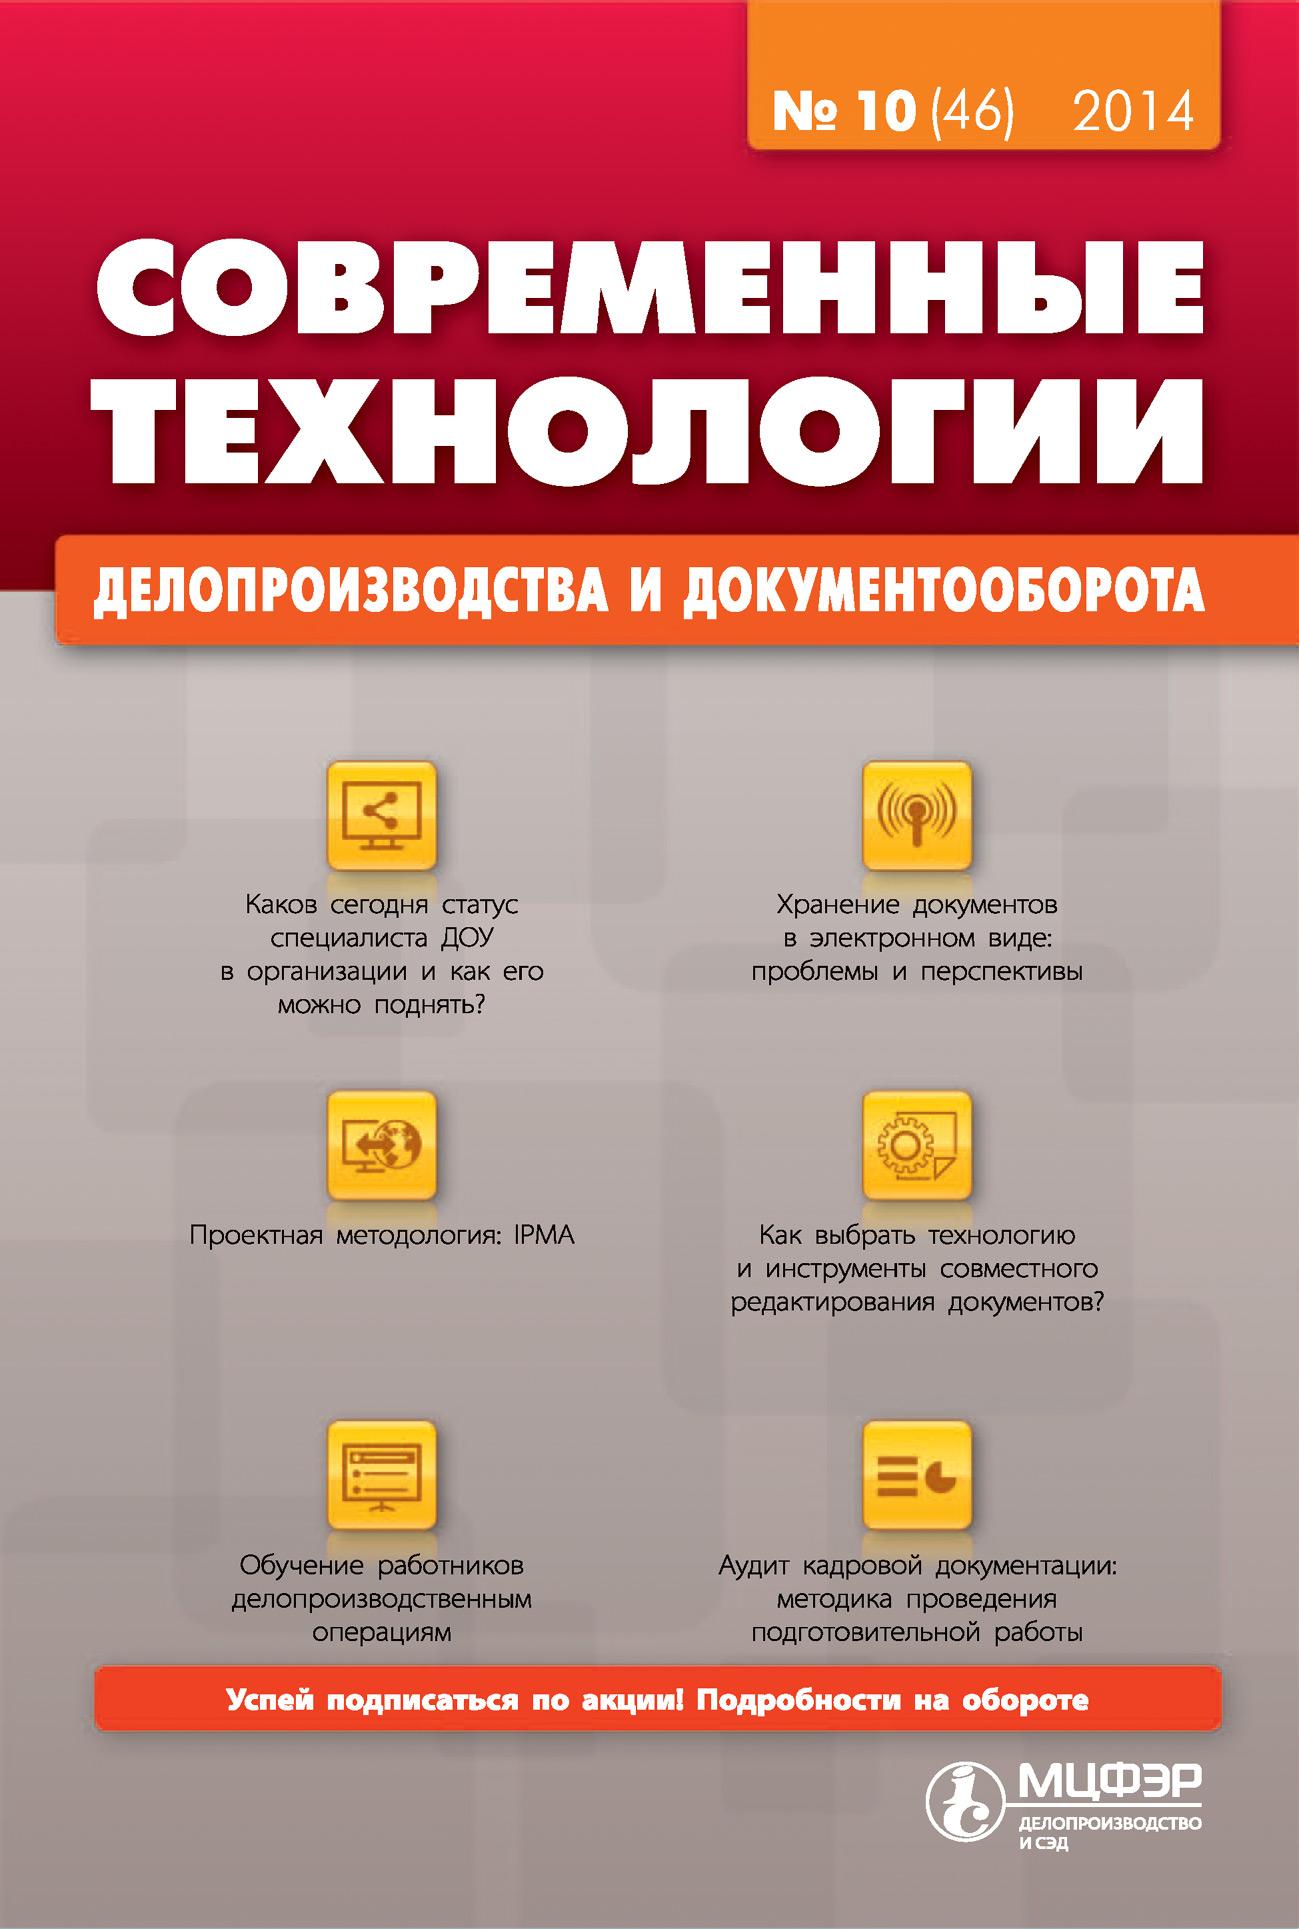 Современные технологии делопроизводства и документооборота № 10 (46) 2014